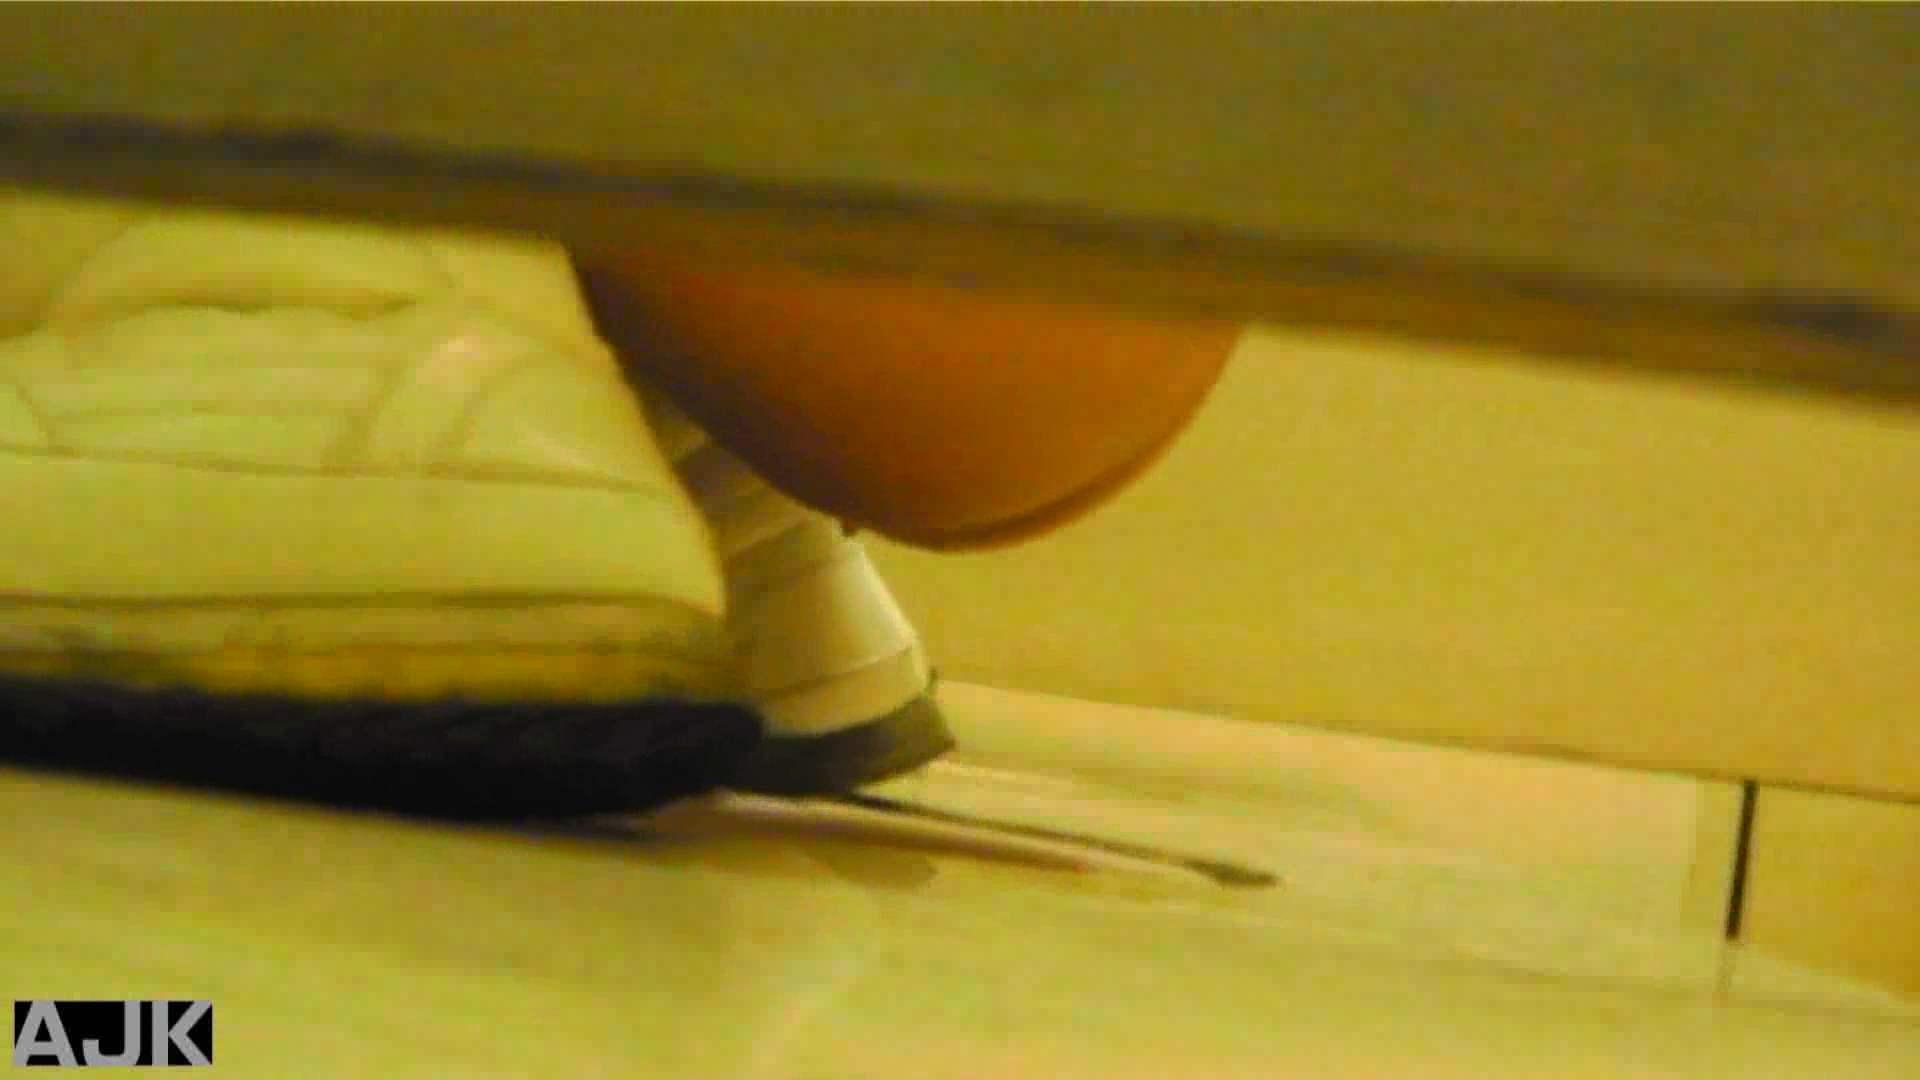 神降臨!史上最強の潜入かわや! vol.01 肛門 覗きオメコ動画キャプチャ 89画像 69